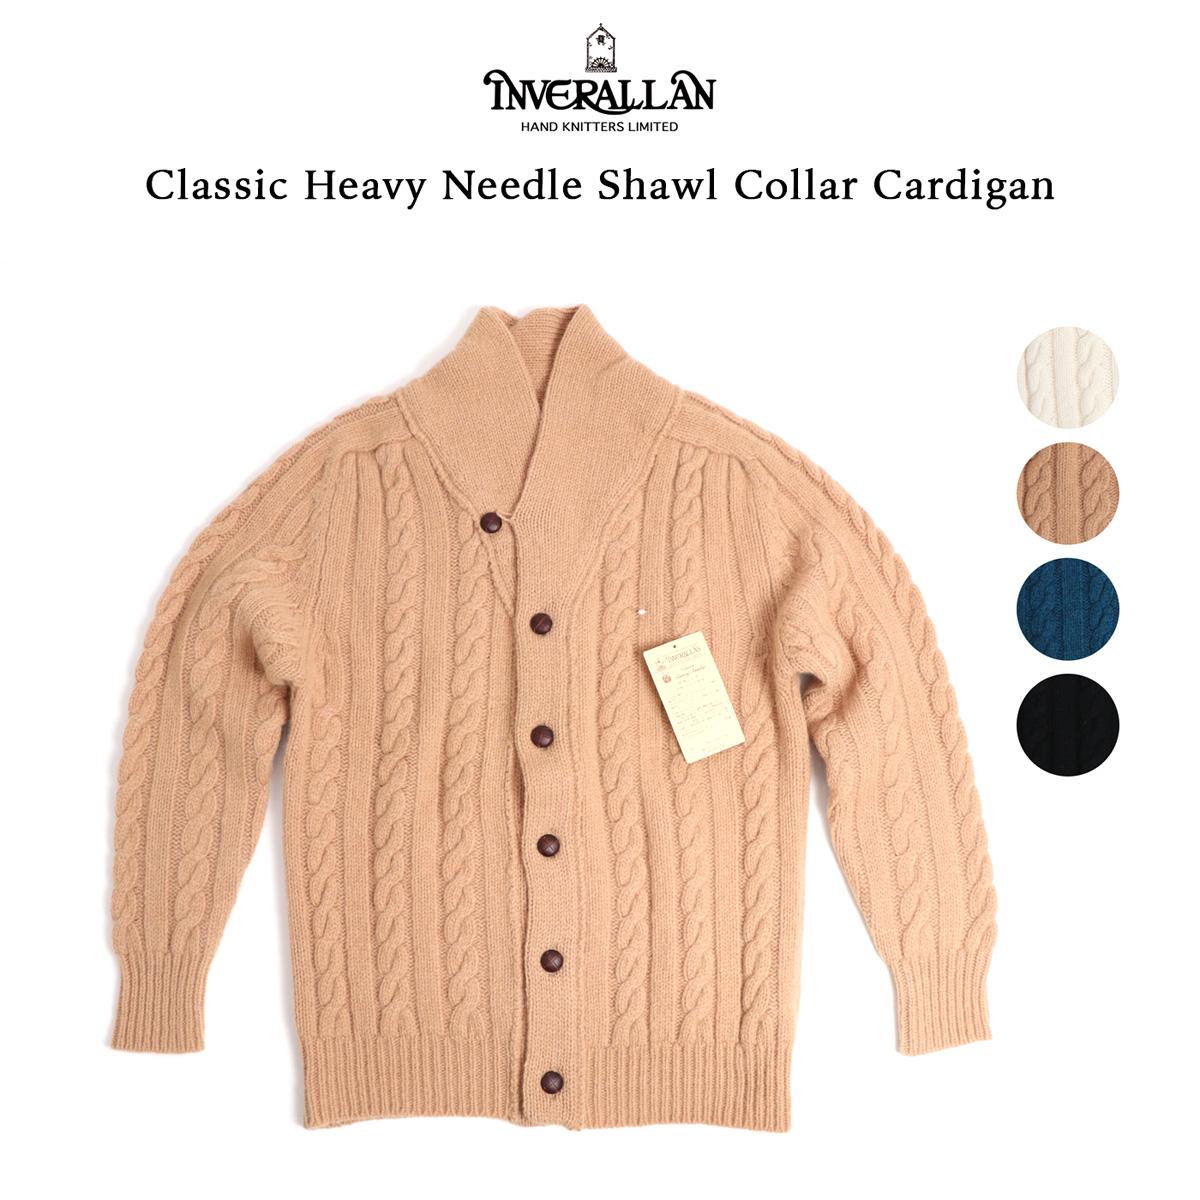 INVERALLAN インバーアラン カーディガン クラシックヘビーニードルショールカラーカーディガン ニット 手編み機 メンズ スコットランド製 ウール